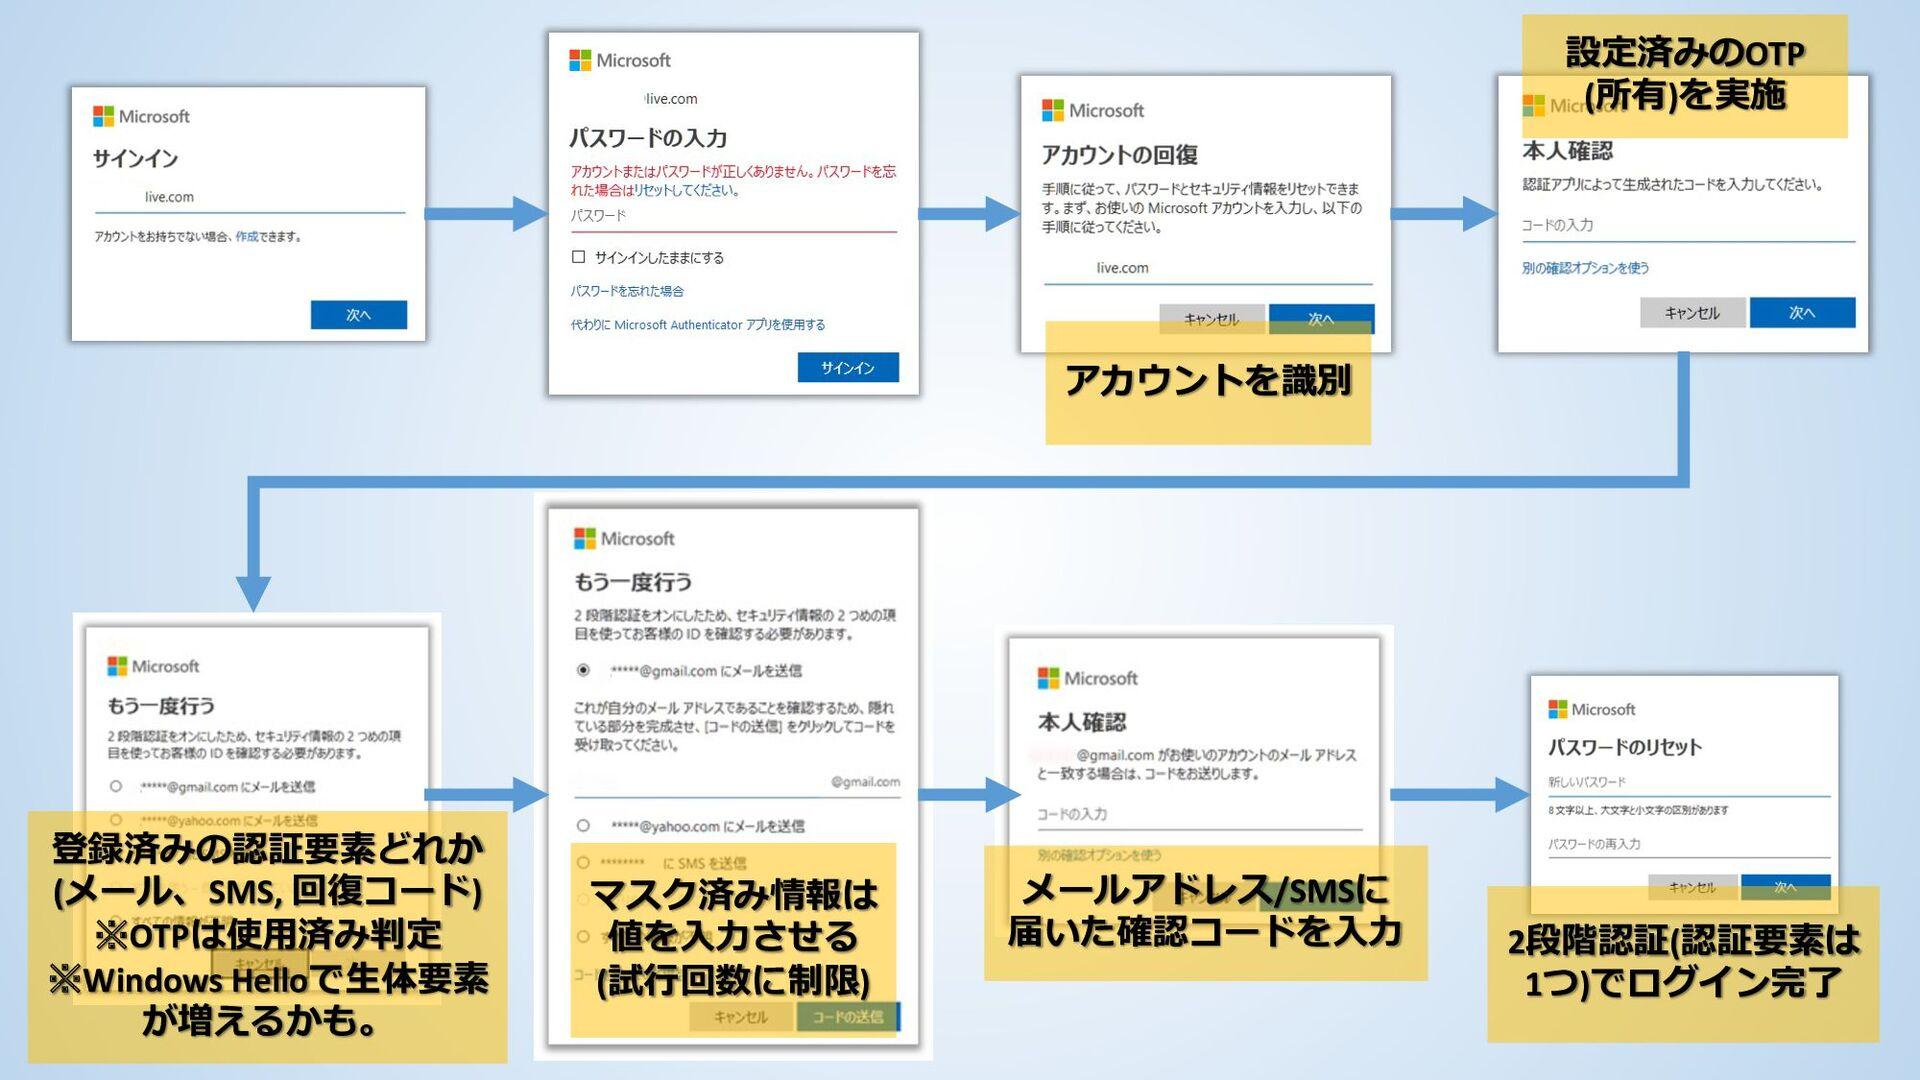 アカウントを識別 設定済みのOTP (所有)を実施 マスク済み情報は 値を入力させる メールア...